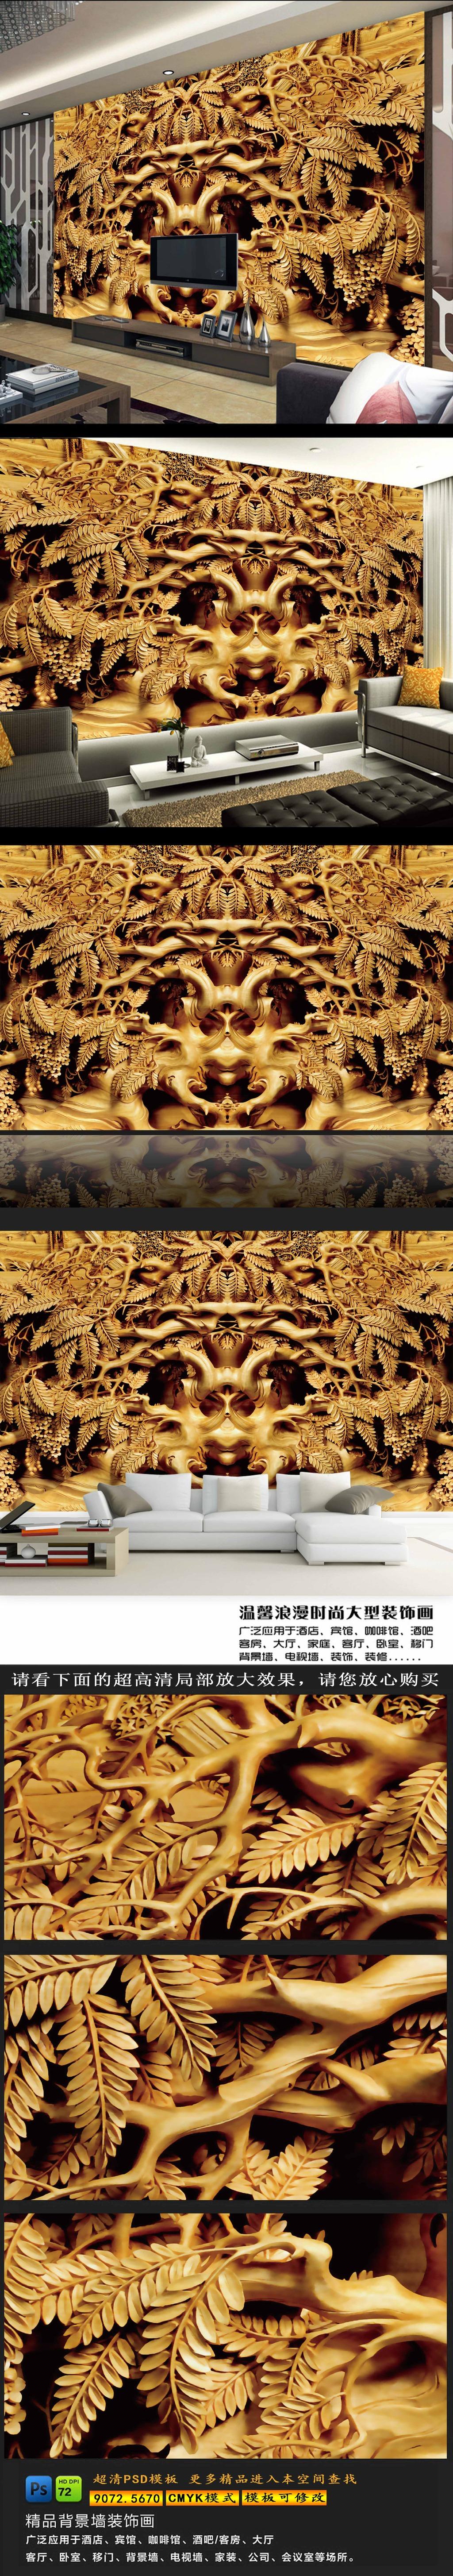 高档3d木雕电视背景墙